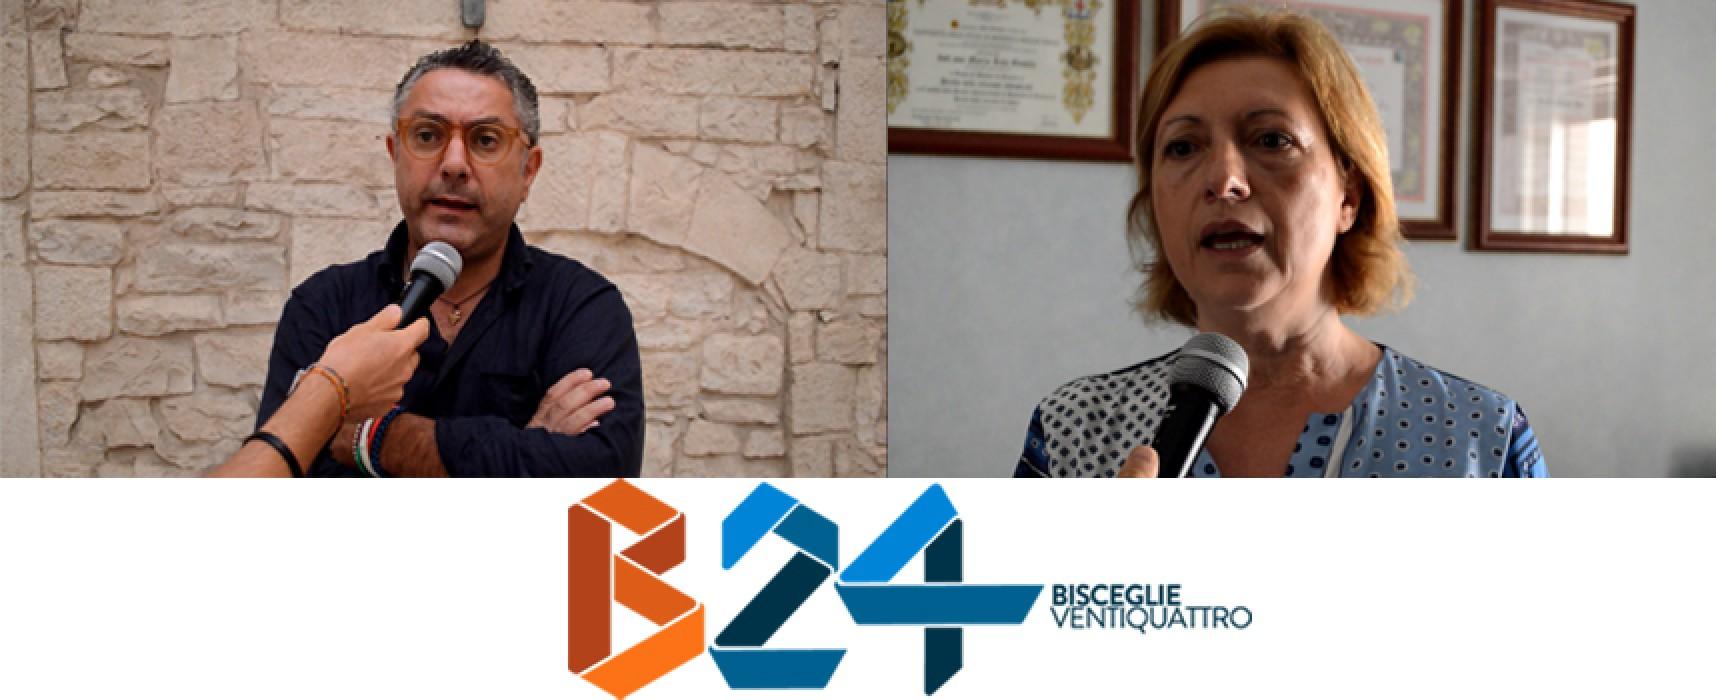 Province in fase di rimodulazione, intervista a Enzo Di Pierro (Ncd) e Tonia Spina (FI) / VIDEO